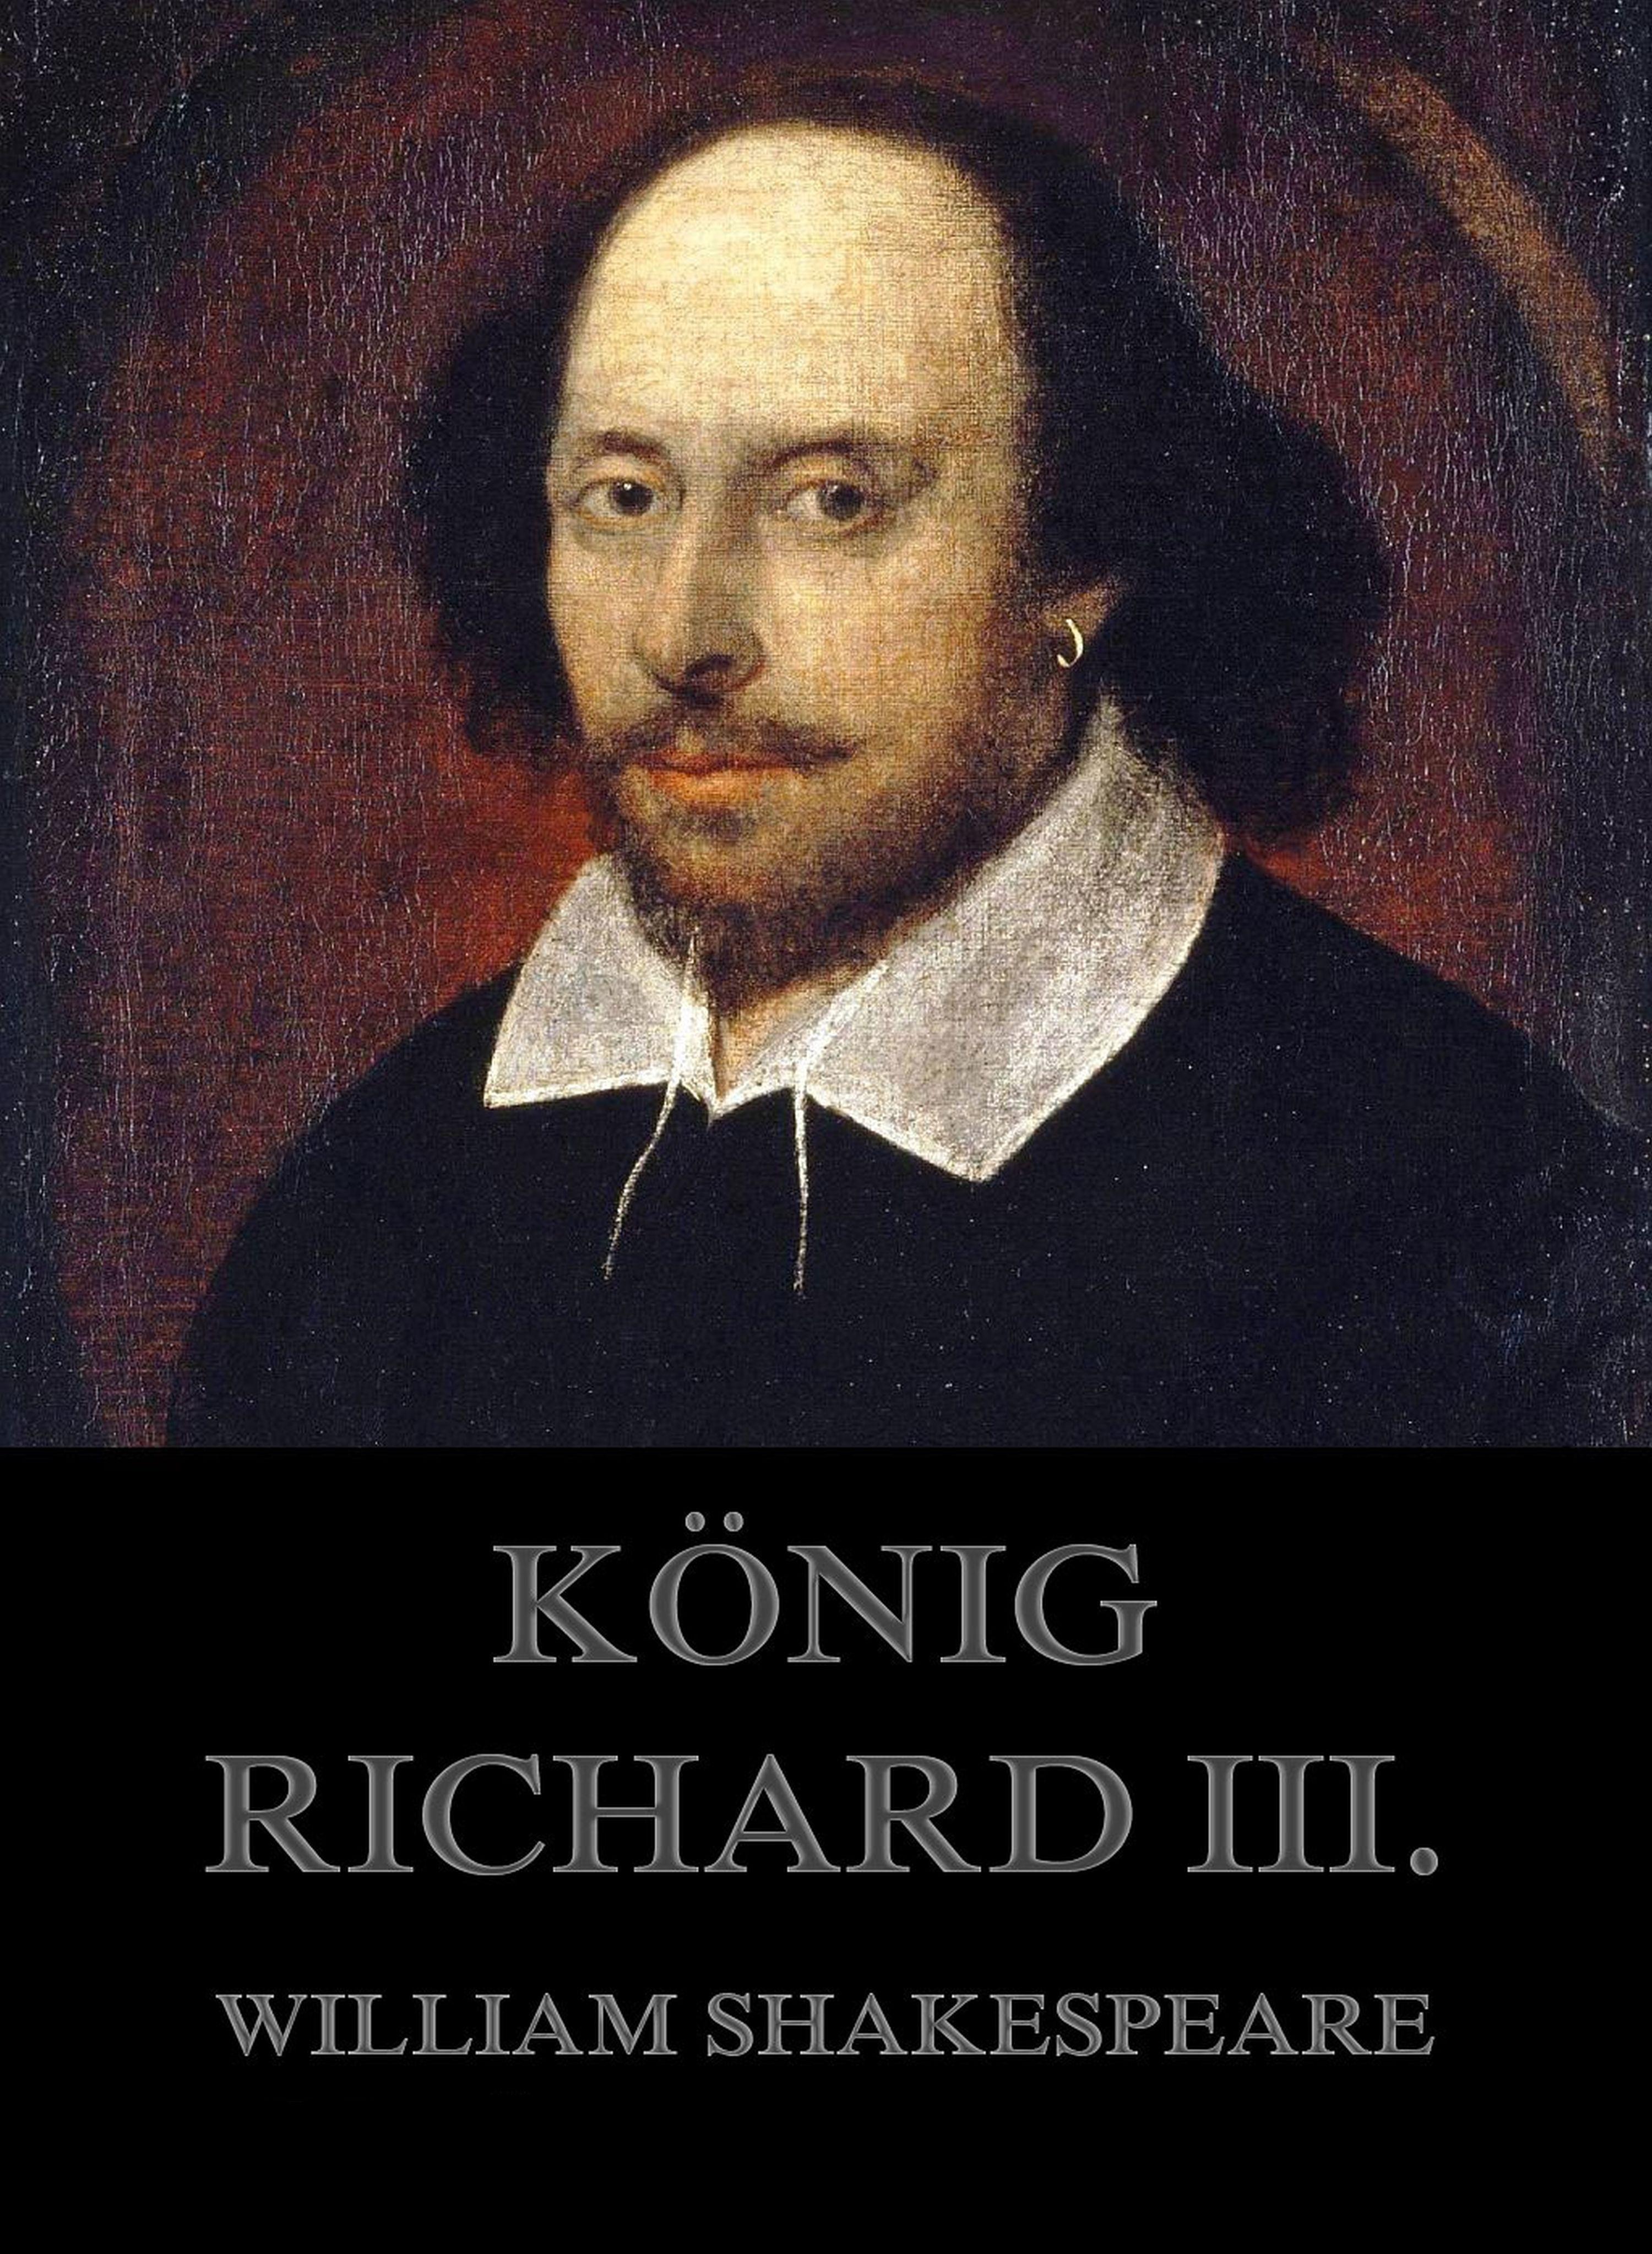 konig richard iii